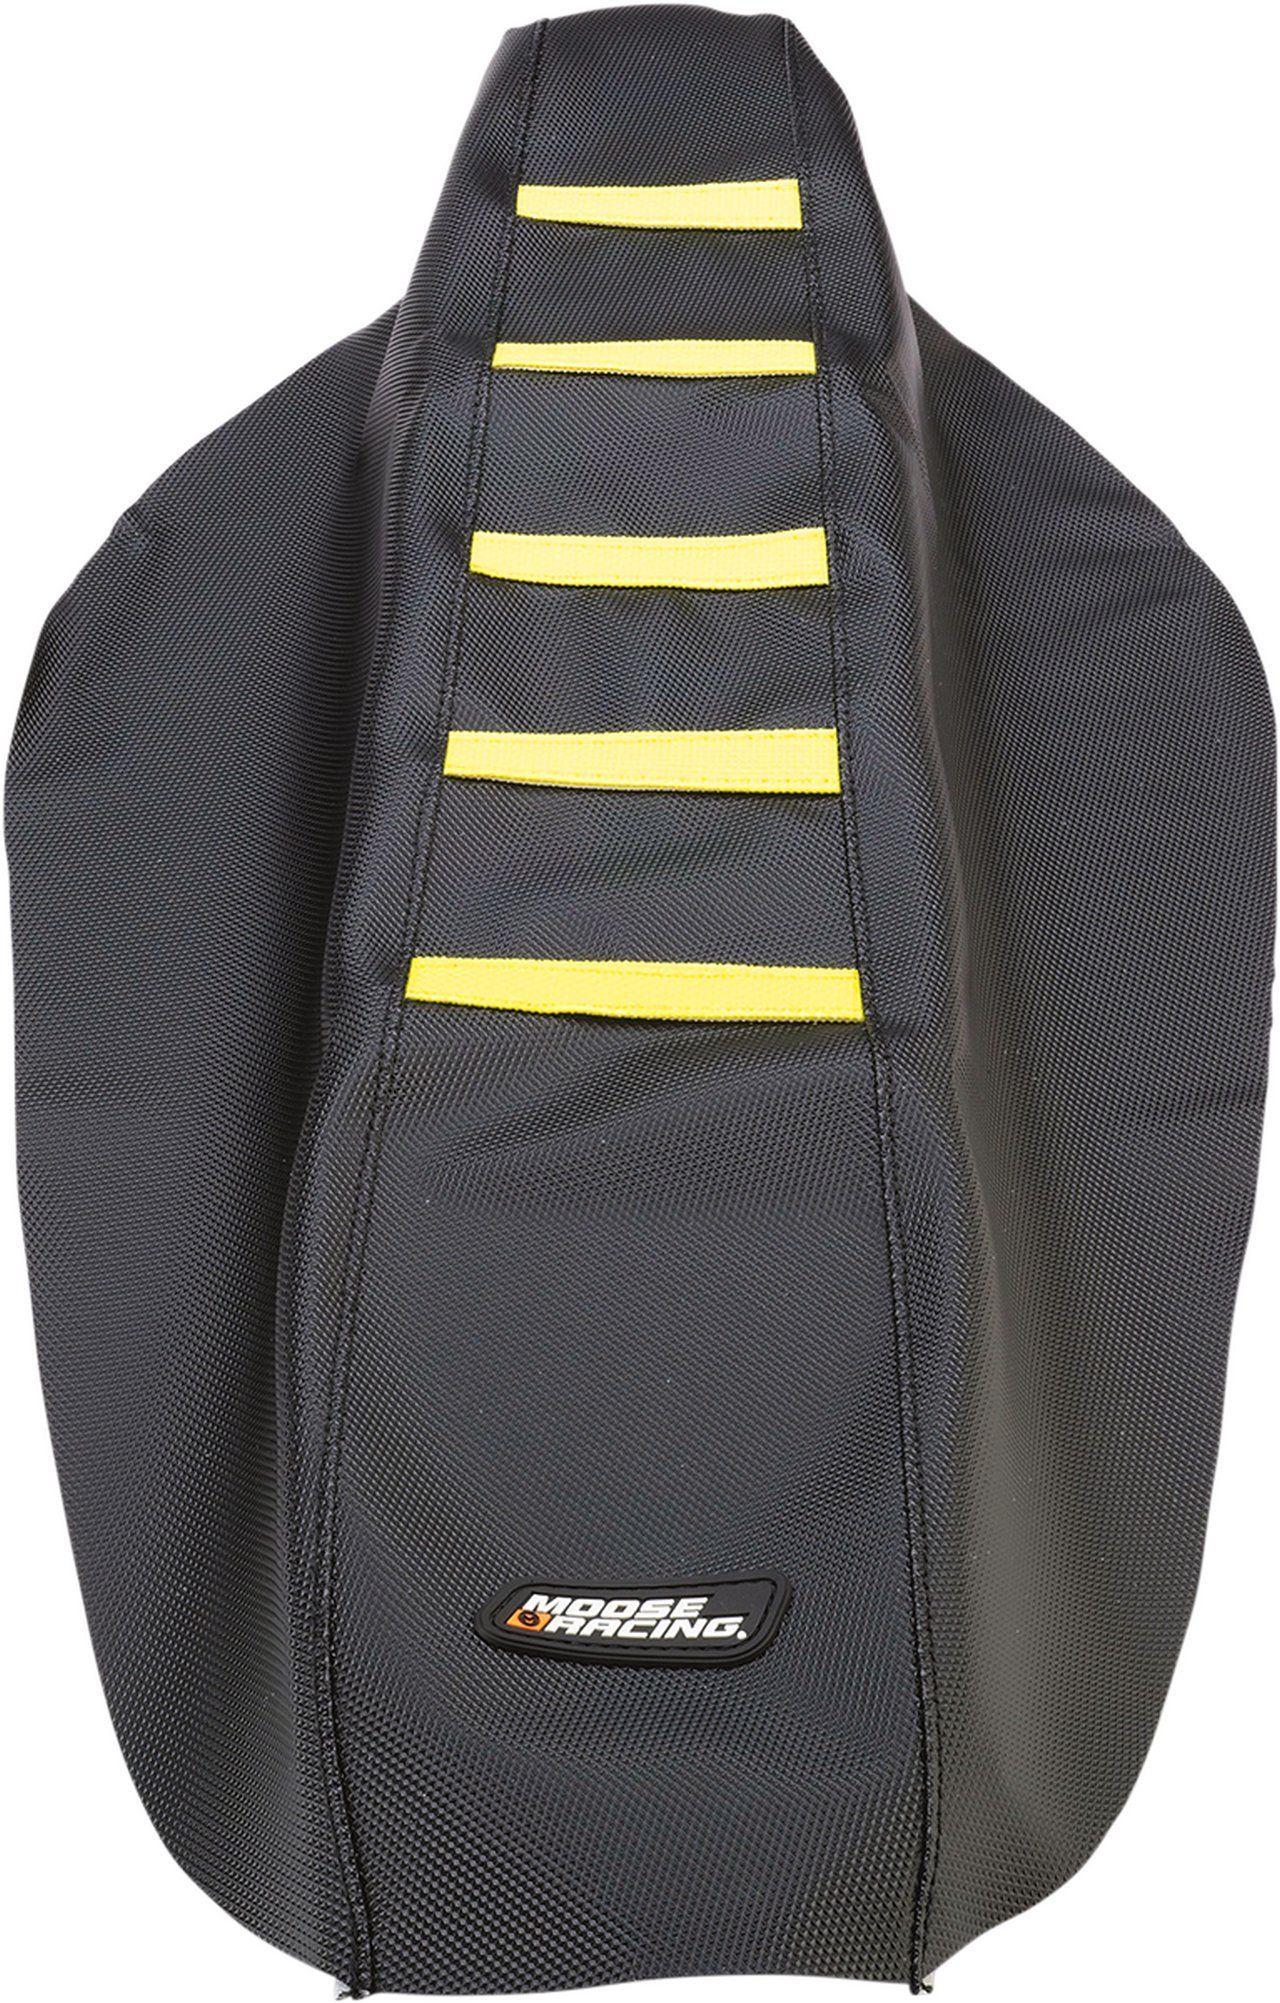 【MOOSE RACING】肋條式坐墊套 [0821-1808] - 「Webike-摩托百貨」